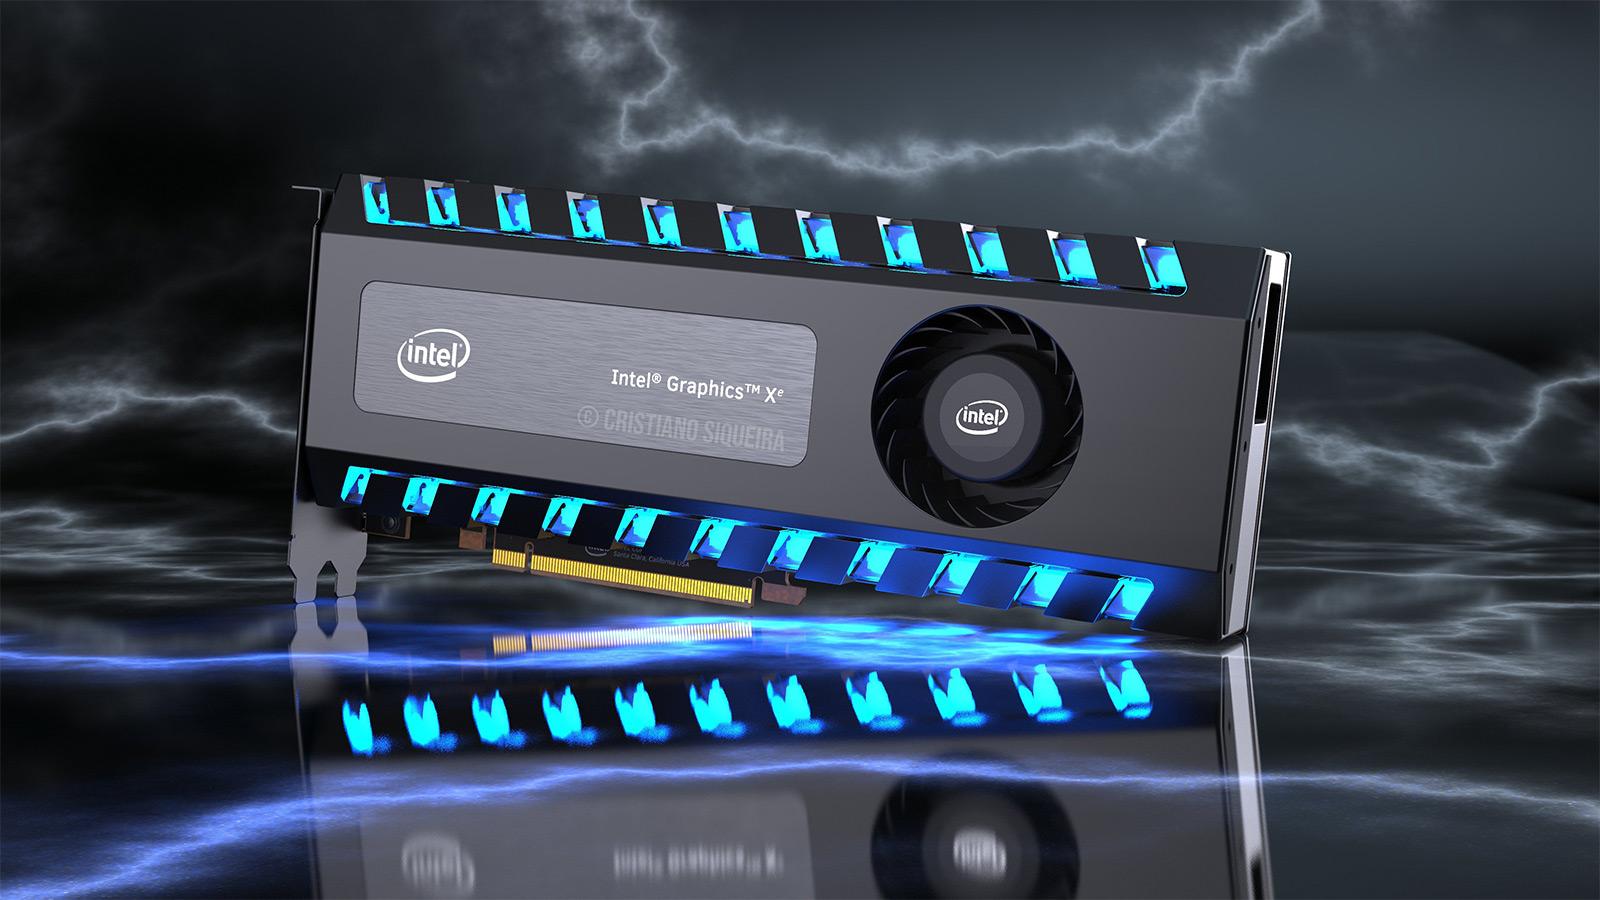 Intel Graphics Driver DCH 26.20.100.7755 - Vulkan laguntza duten gidariak 1.2